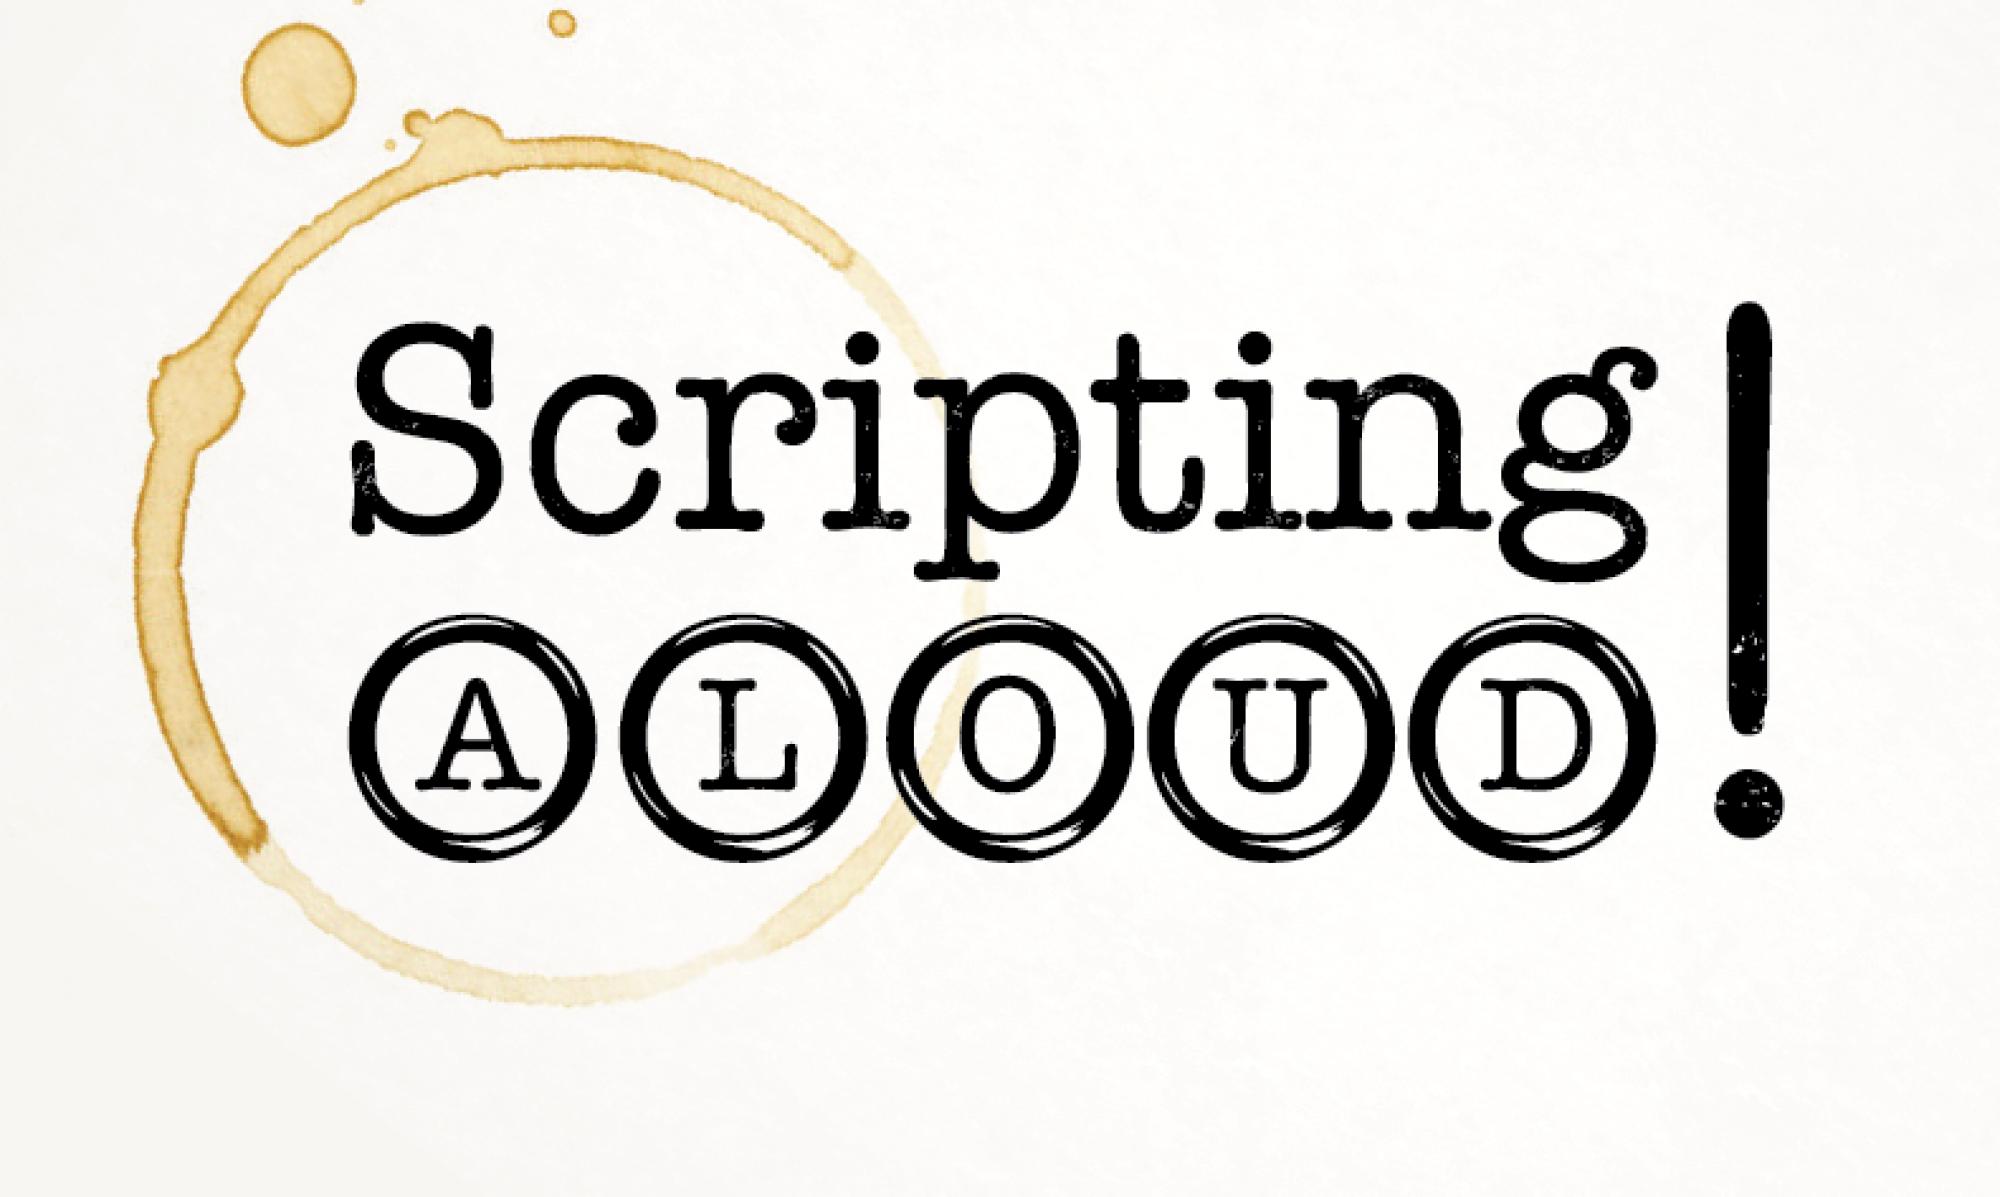 SCRIPTING ALOUD